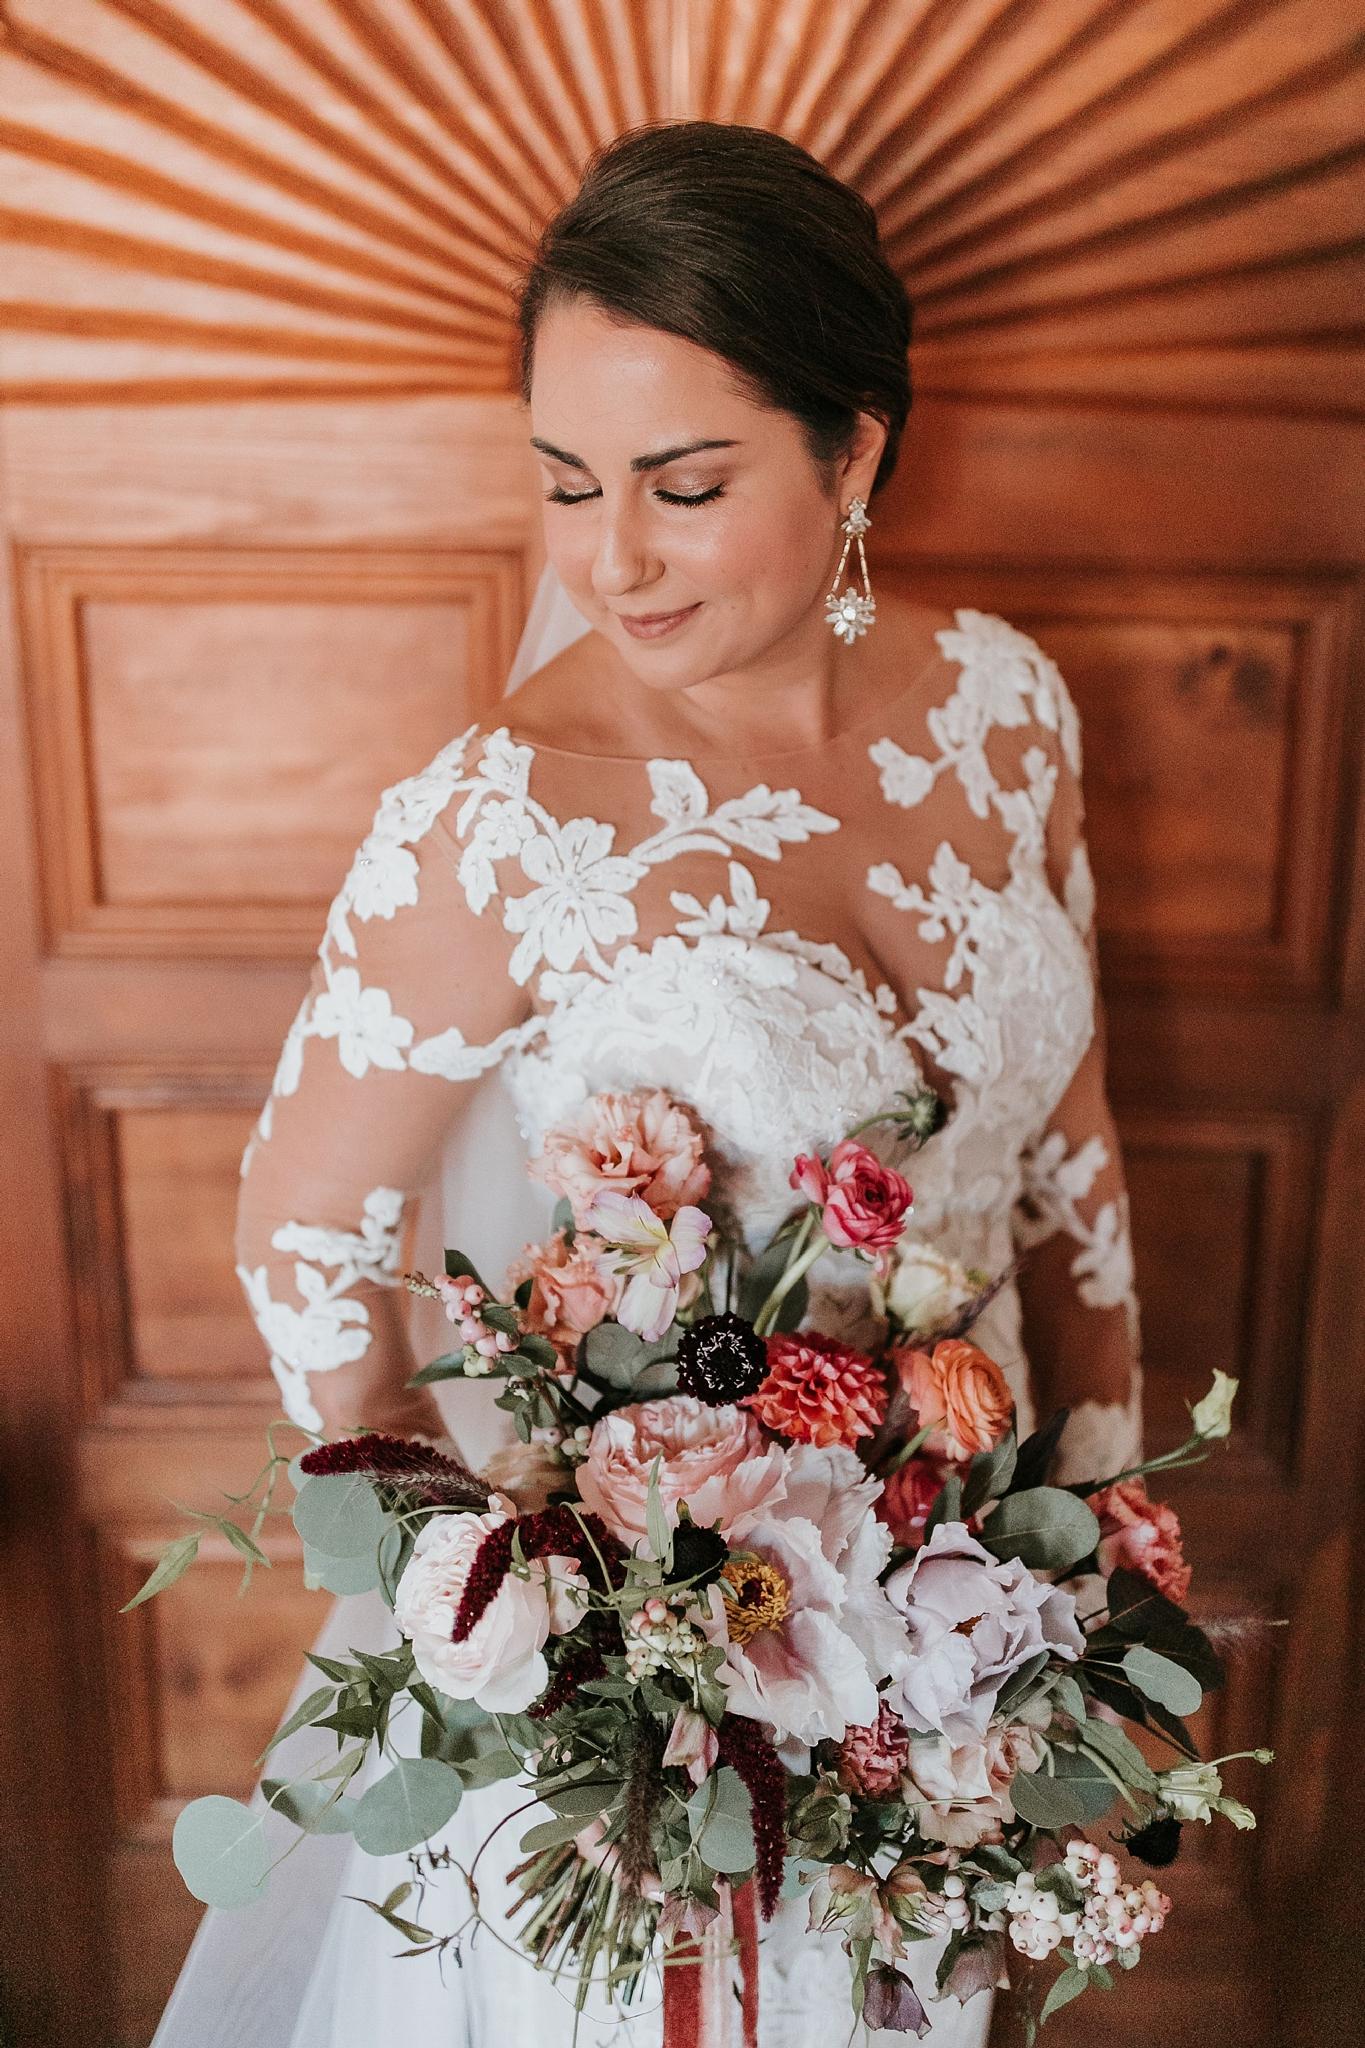 Alicia+lucia+photography+-+albuquerque+wedding+photographer+-+santa+fe+wedding+photography+-+new+mexico+wedding+photographer+-+new+mexico+florist+-+wedding+florist+-+renegade+floral_0099.jpg